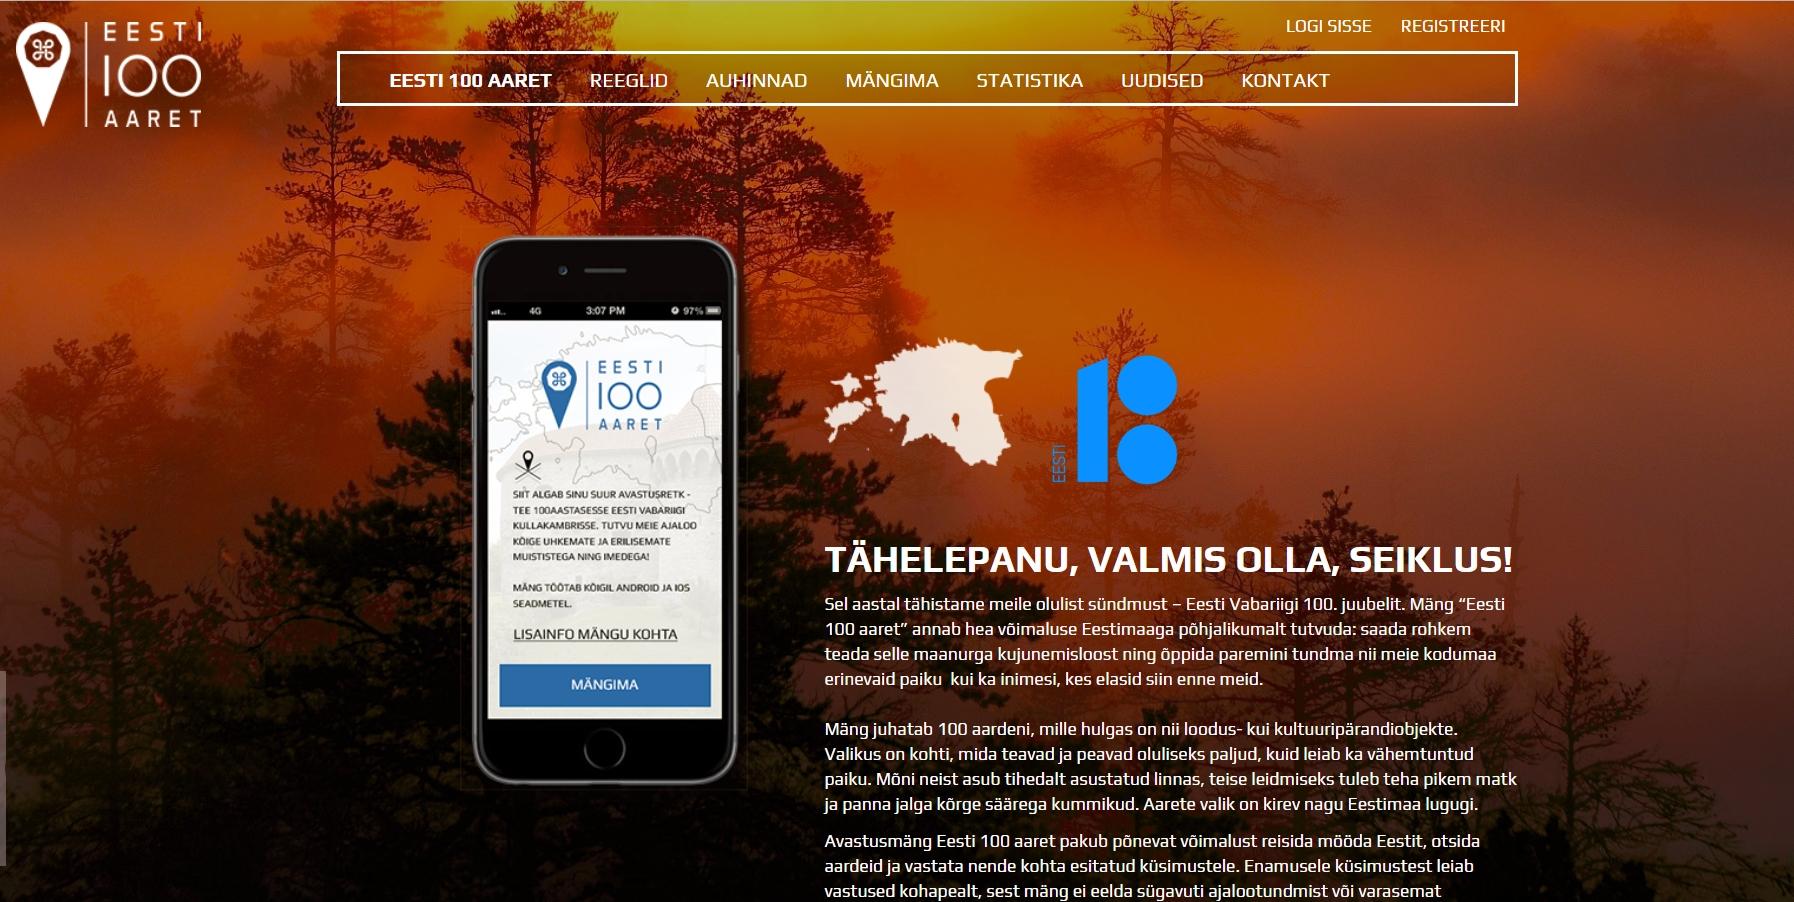 H2O ja Eesti 100 aaret kutsuvad mängima